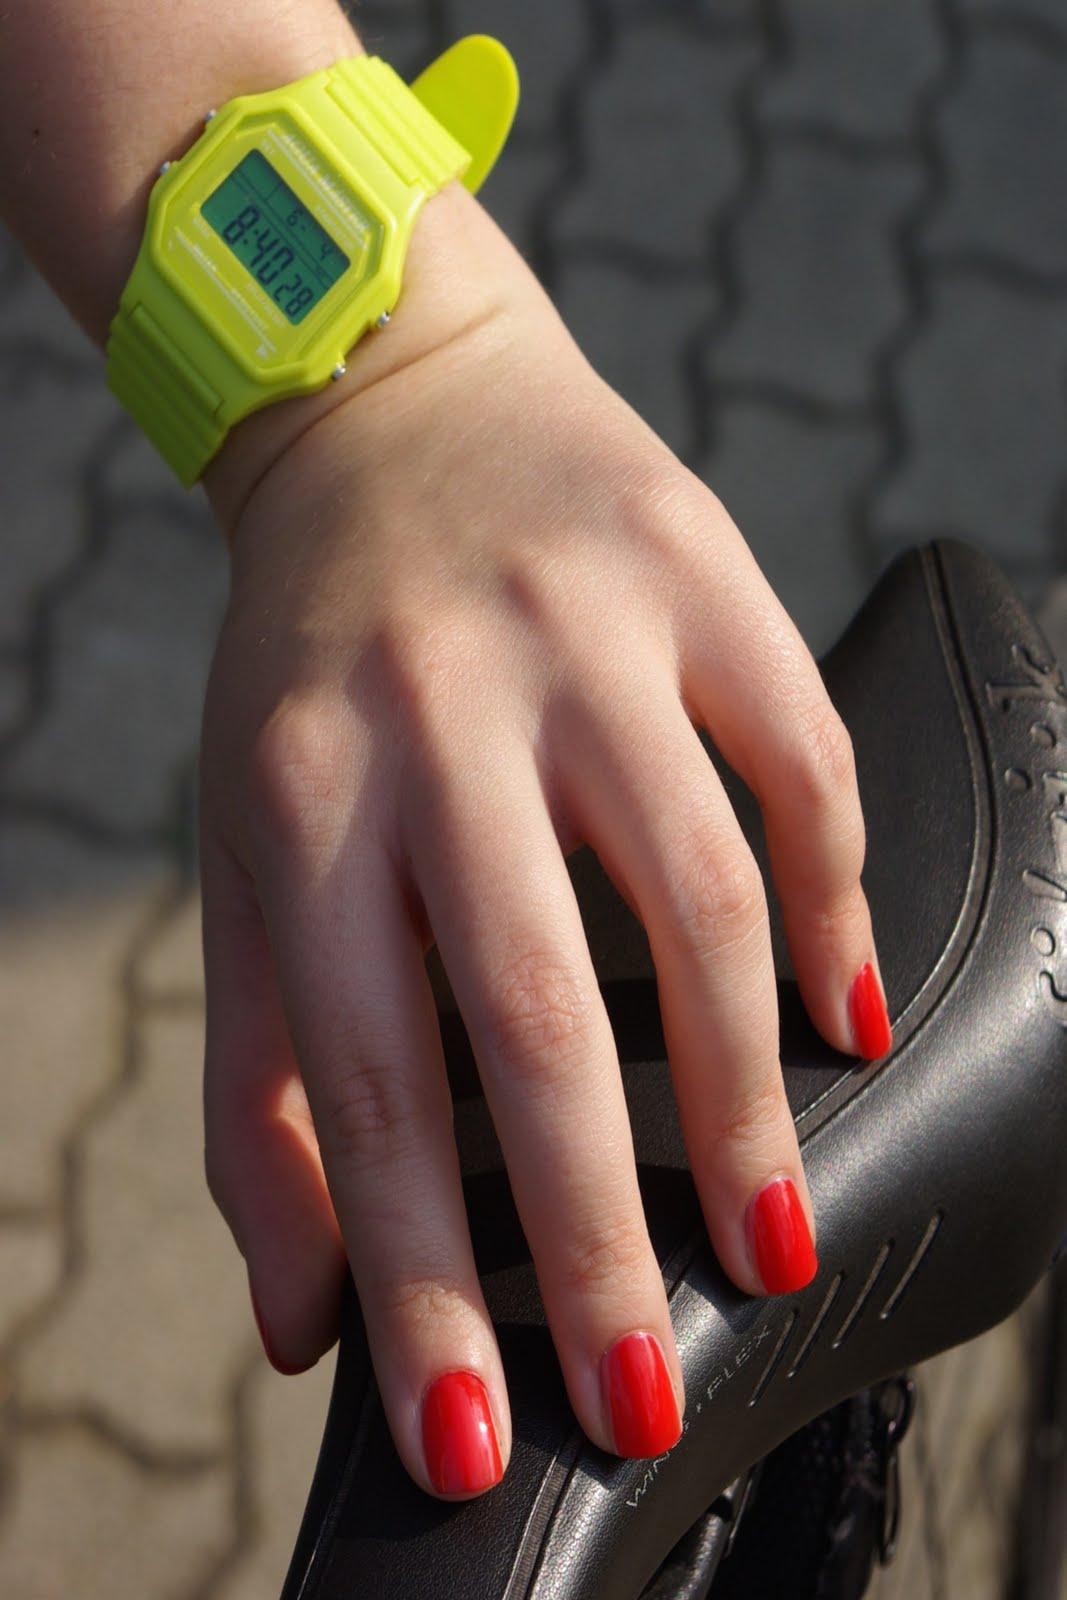 Vota Le 3 Manicure OPI E Portale Alla Finalissima!(Post